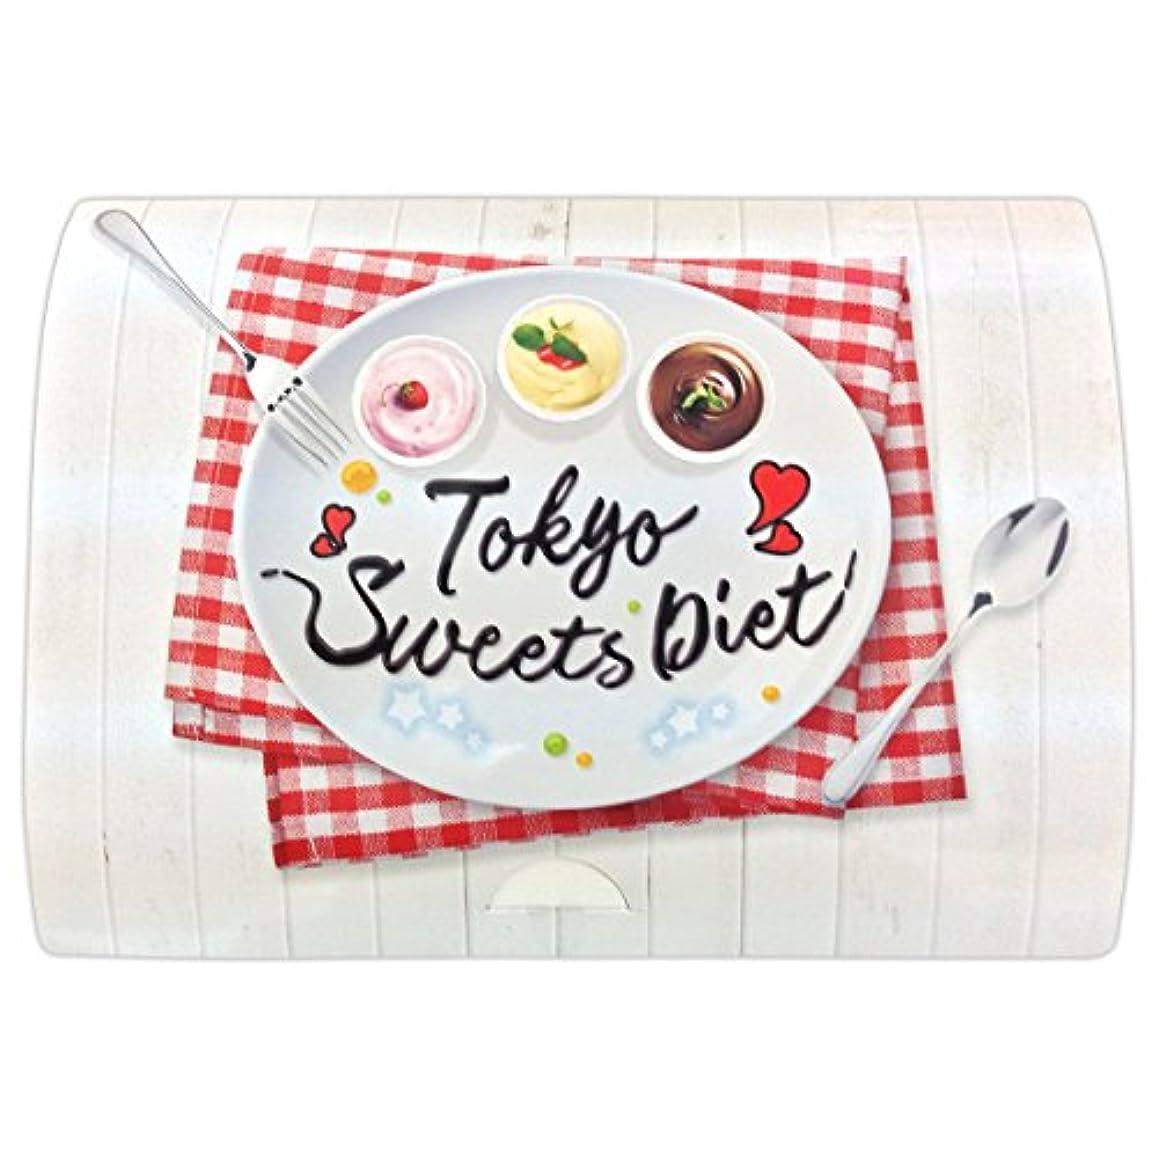 偽みなさん去るIDEA TOKYOスイーツダイエット 置き換えダイエットスイーツ 15食(1包:15g) ストロベリー味 チョコレート味 プリン味